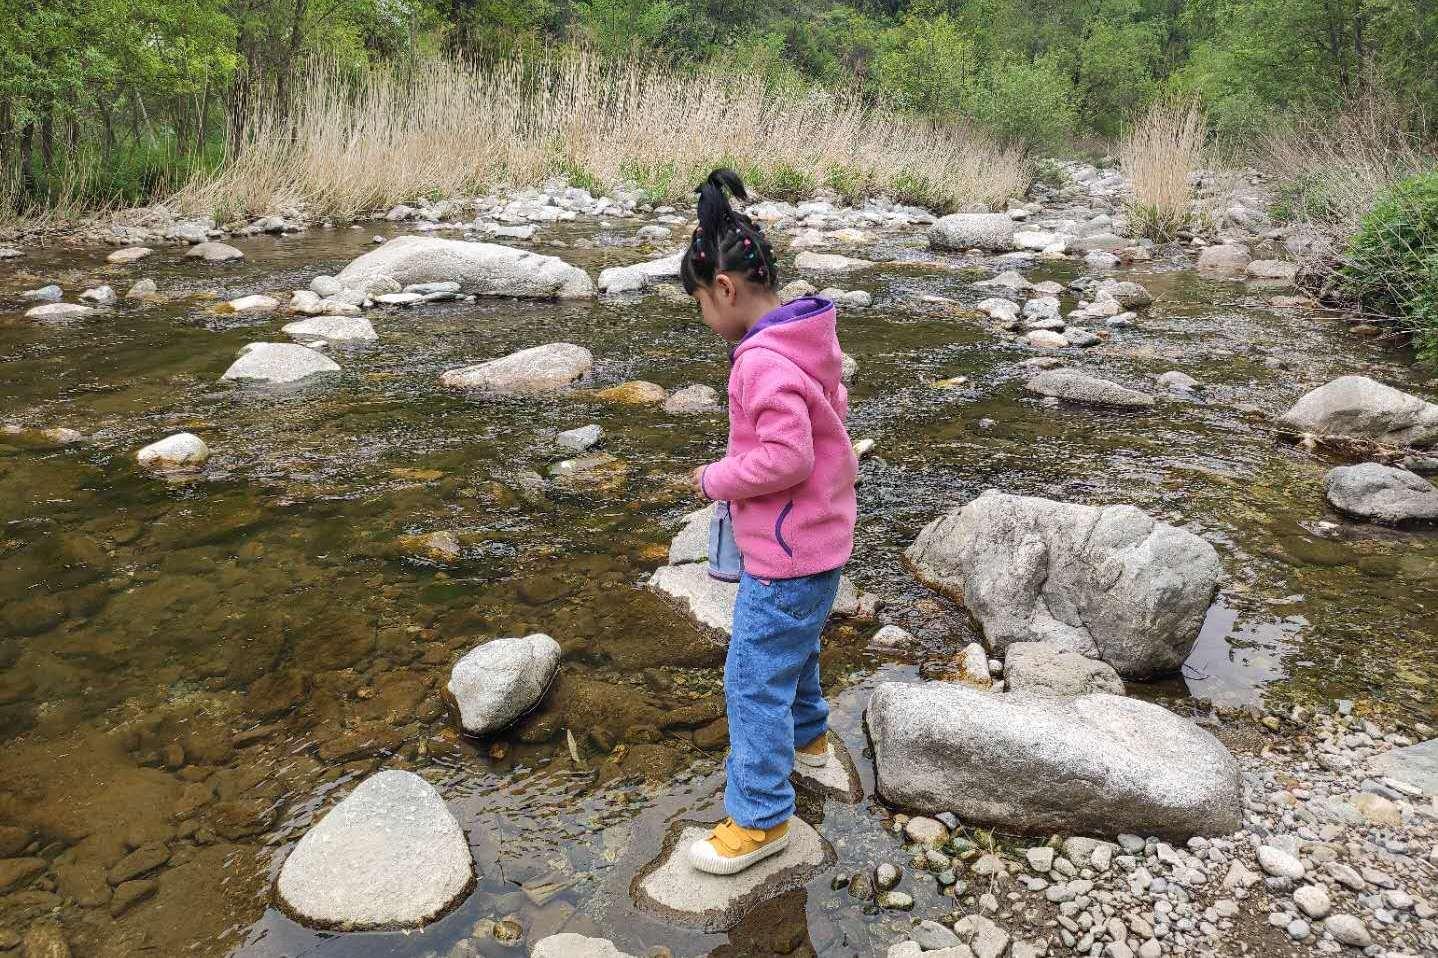 自驾西安秦岭库峪,发现一处世外桃源,有山有水是不是很美呢